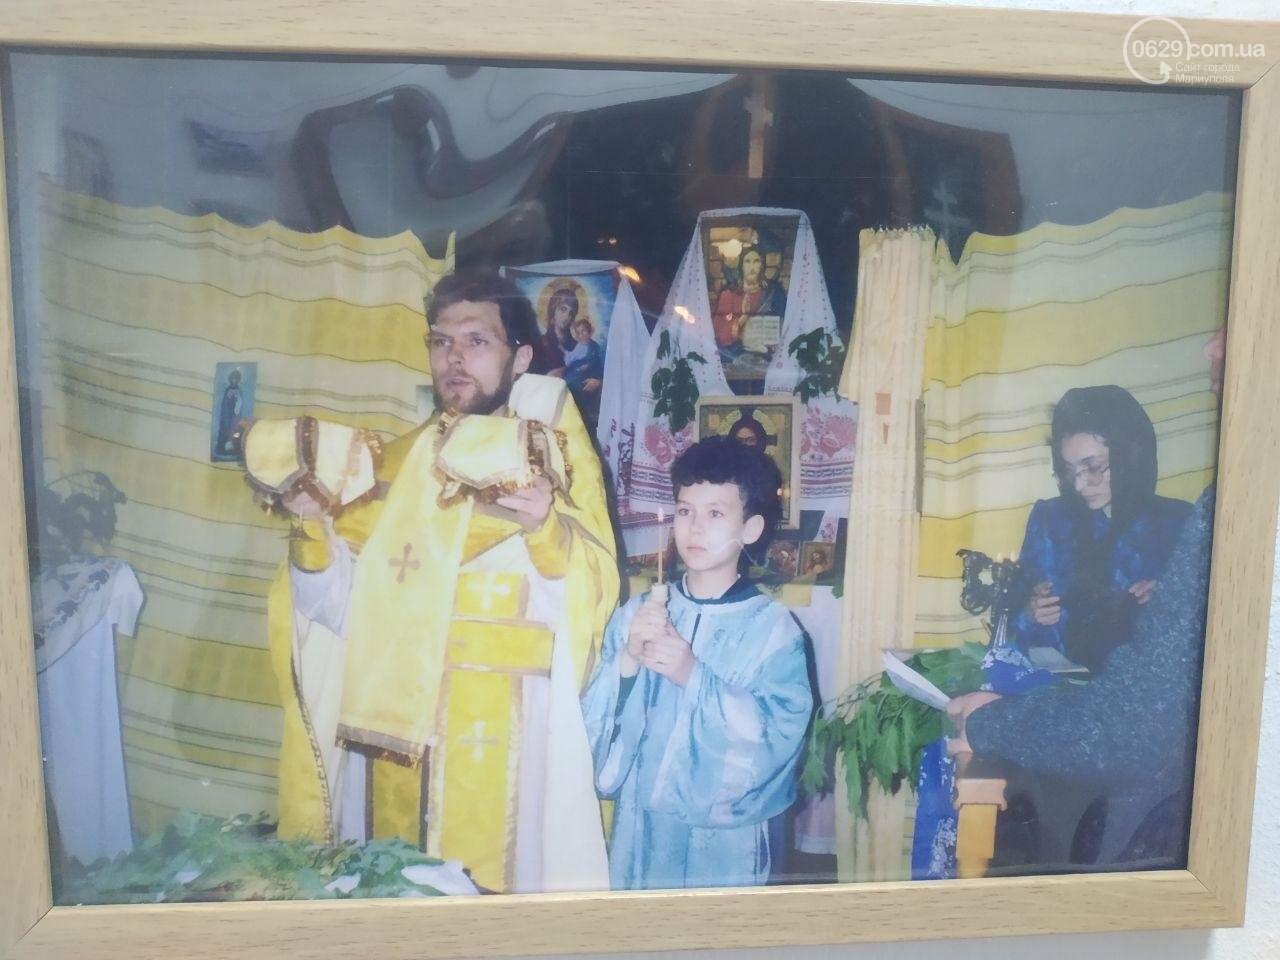 Почему люди становятся священниками? Вопрос, на который мы не знали ответа, пока не спросили отца Уара, мечтавшего  стать кочегаром, фото-3